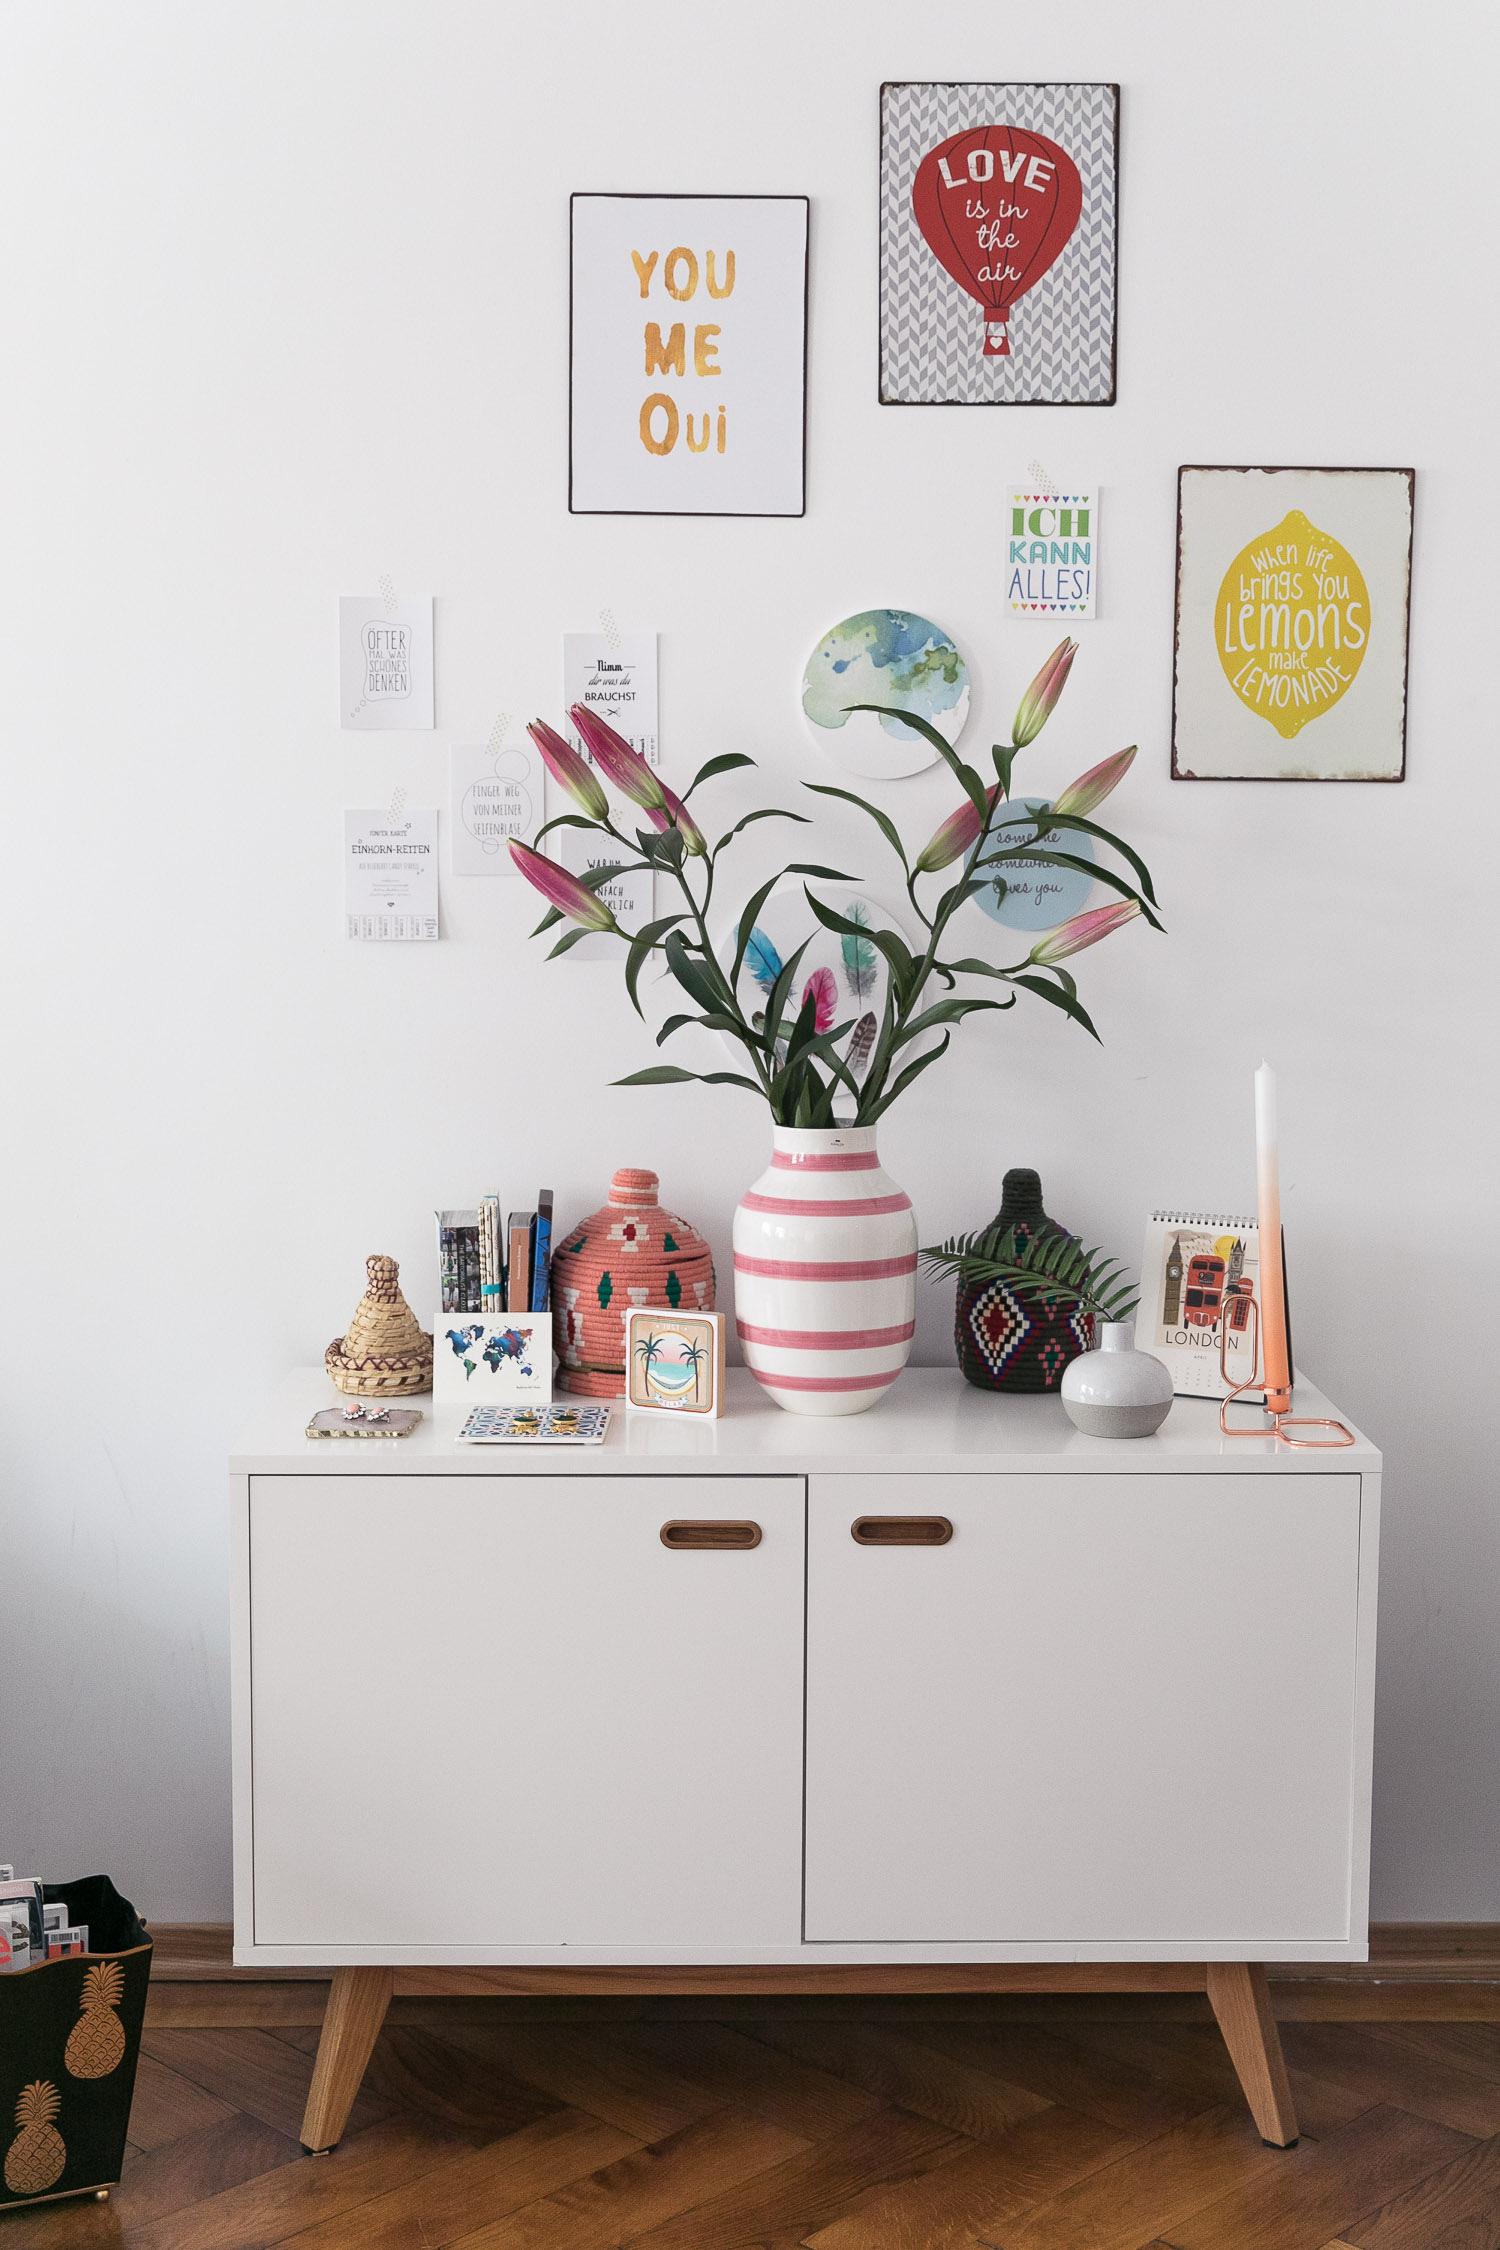 Full Size of Deko Sideboard Dekoration Styling Blumen Vase Josie Loves Wanddeko Küche Wohnzimmer Badezimmer Mit Arbeitsplatte Schlafzimmer Für Wohnzimmer Deko Sideboard